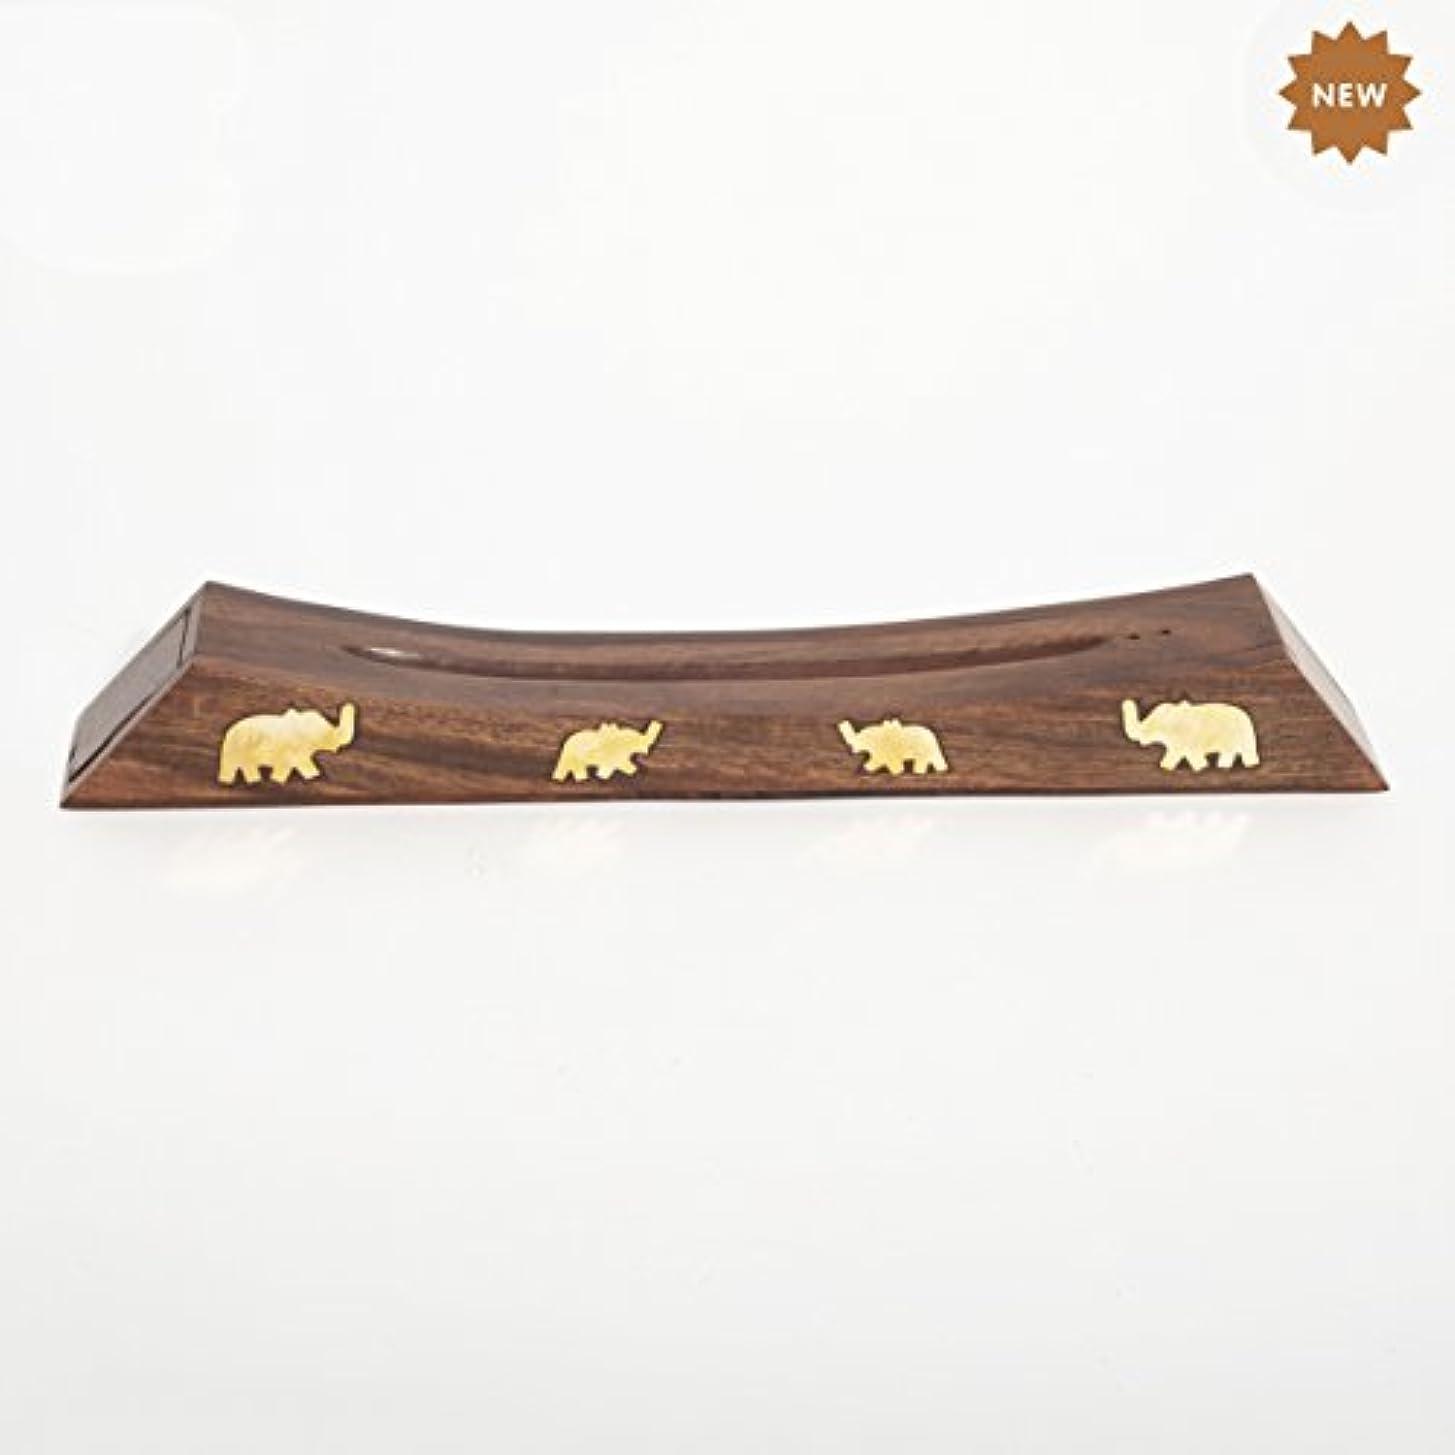 テザー運動する鉛筆Rusticity 木製お香スタンド お香スティック 収納スロット付き 象の真鍮インレー ハンドメイド 12.4x1.6インチ